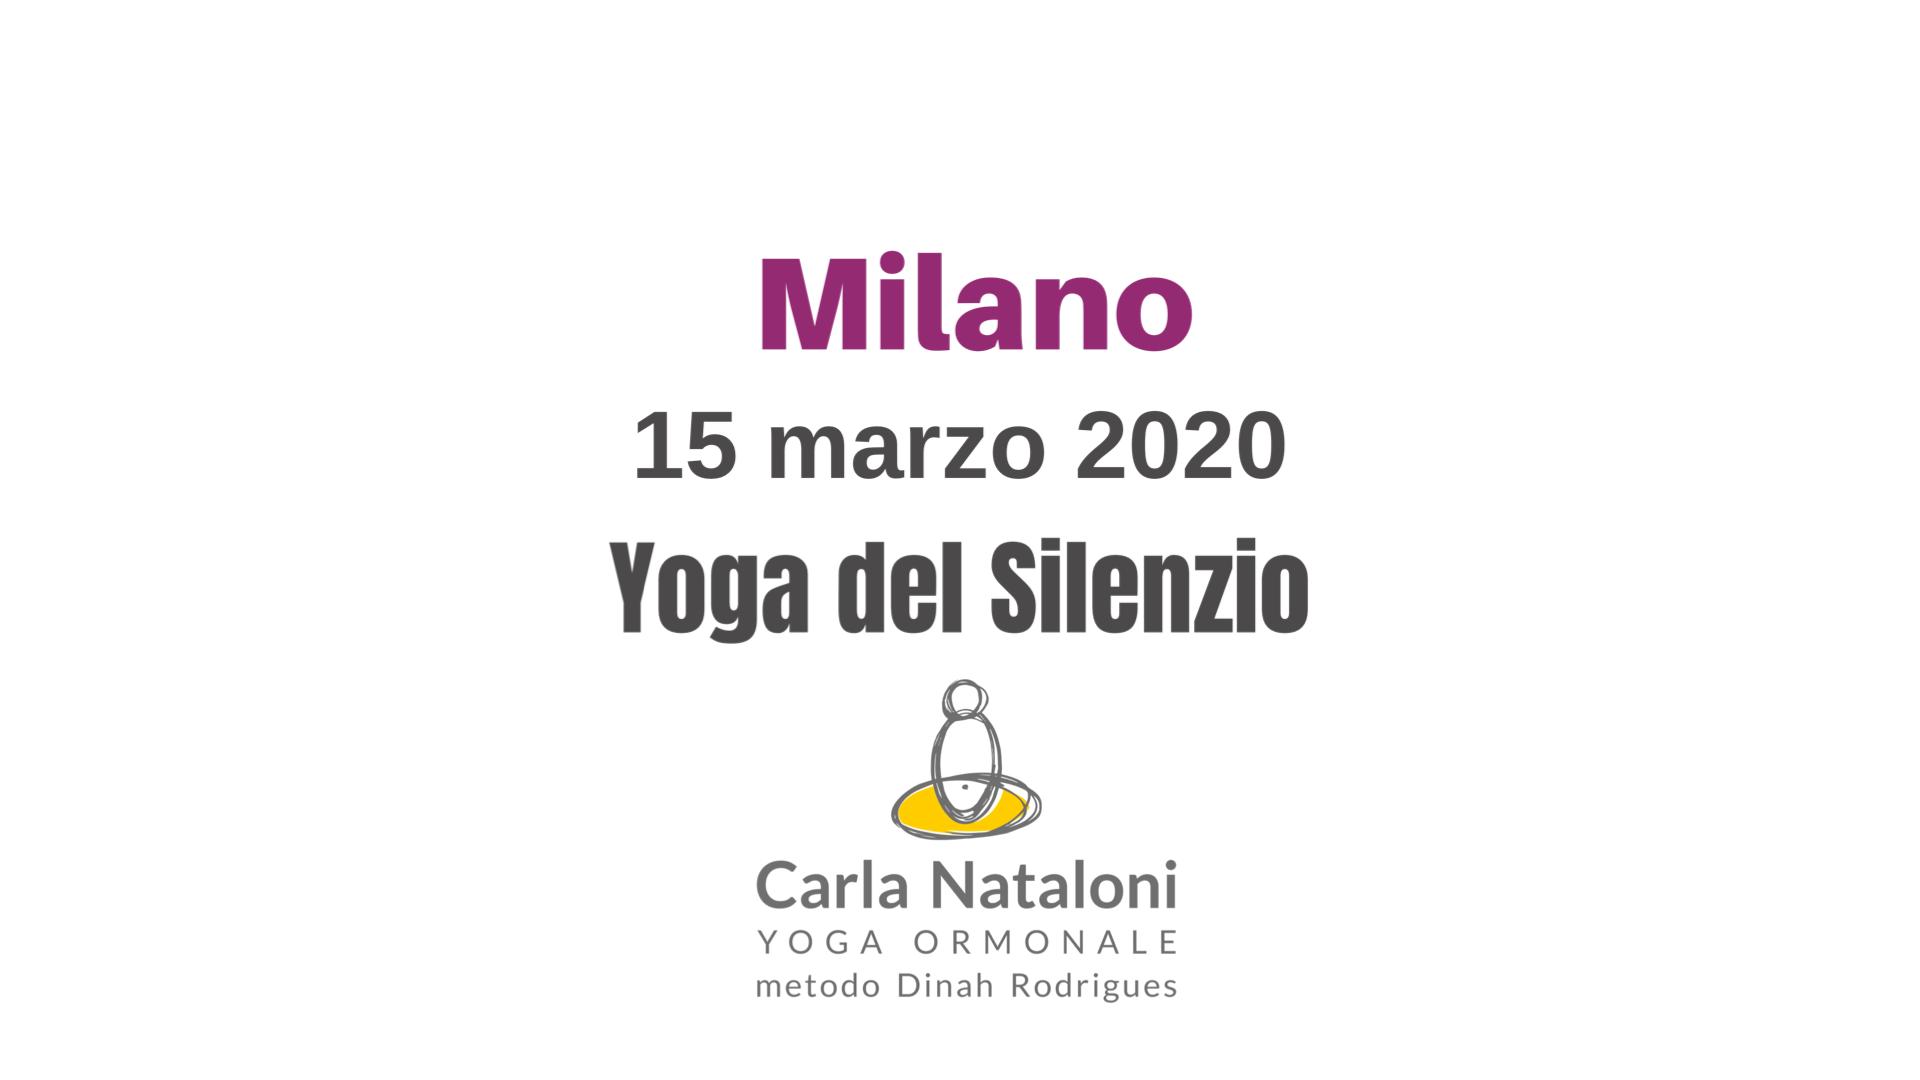 milano yoga del silenzio